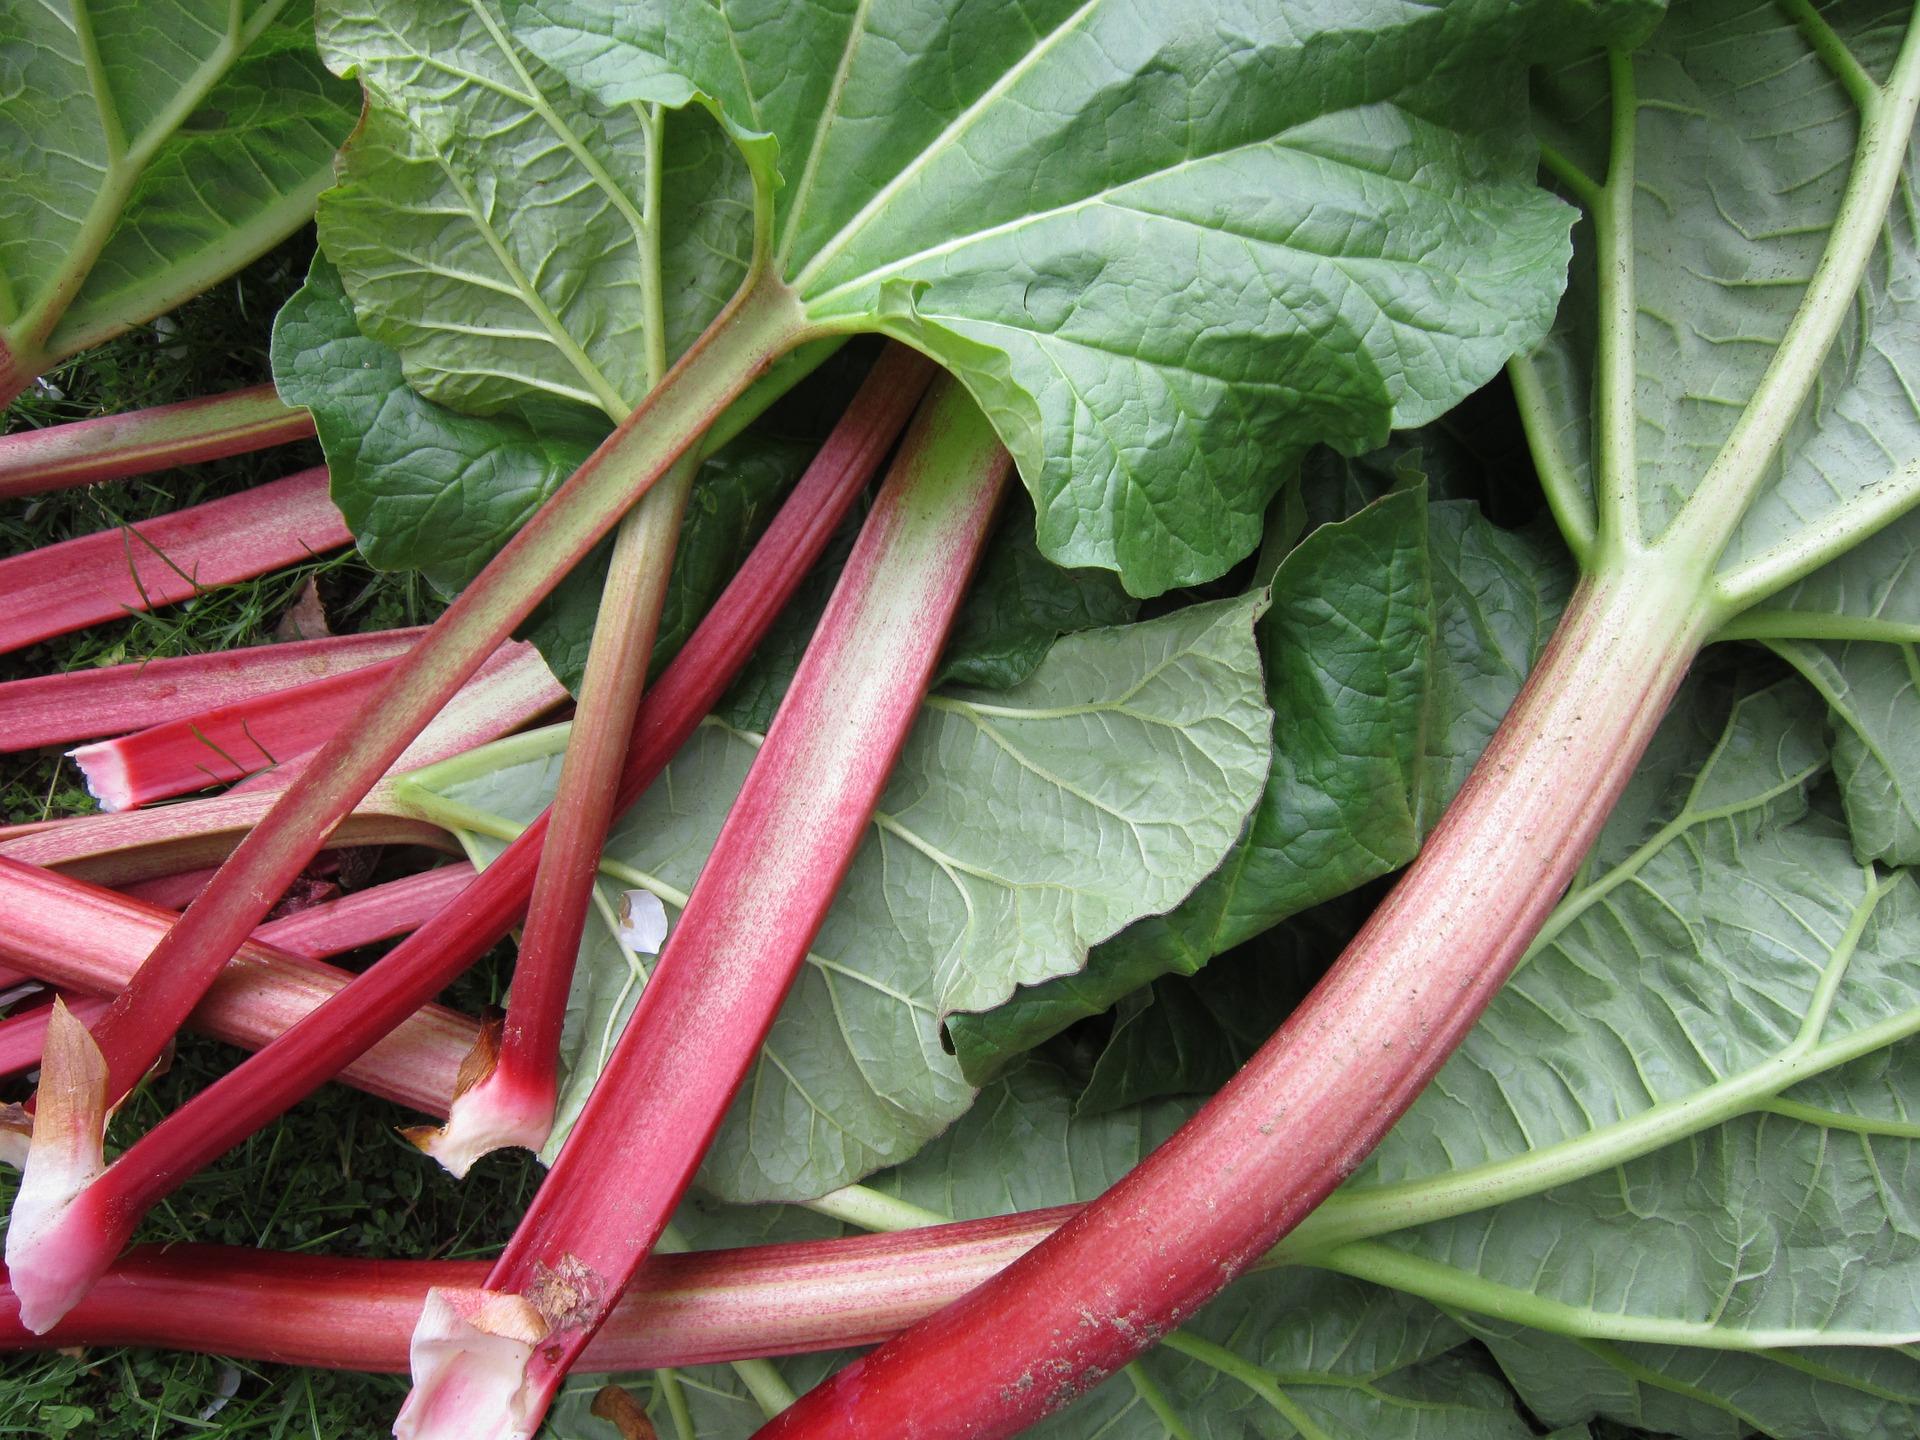 rhubarb-1350969_1920.jpg